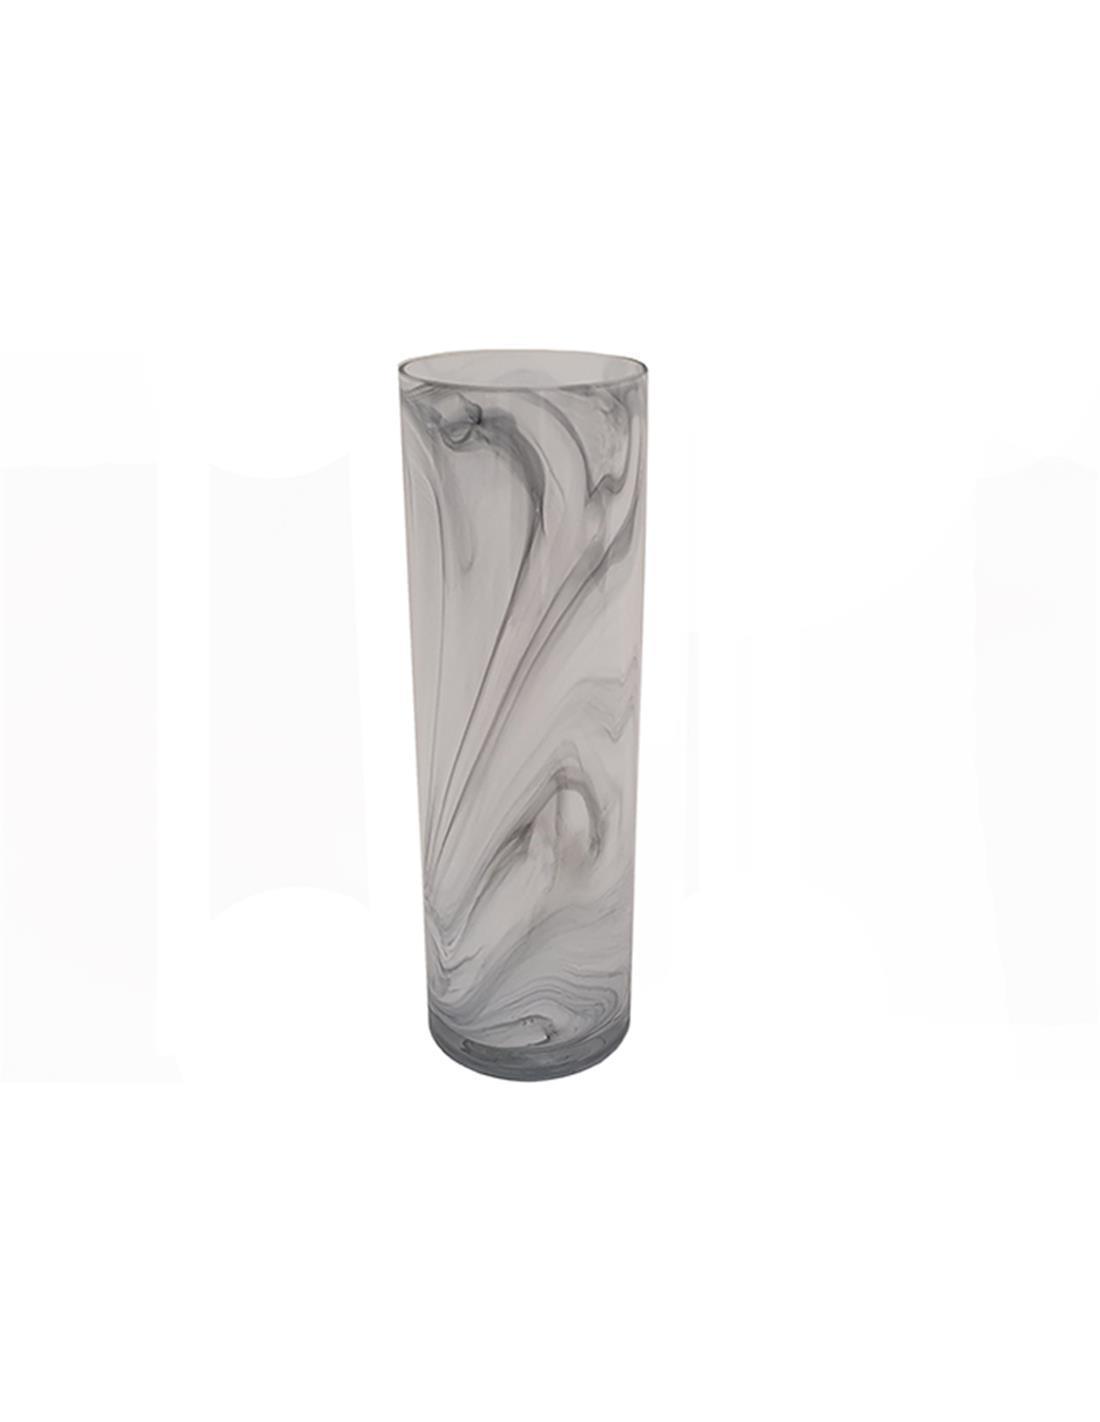 Βάζο marble γυάλινο λευκό/μαύρο 12.7x40cm